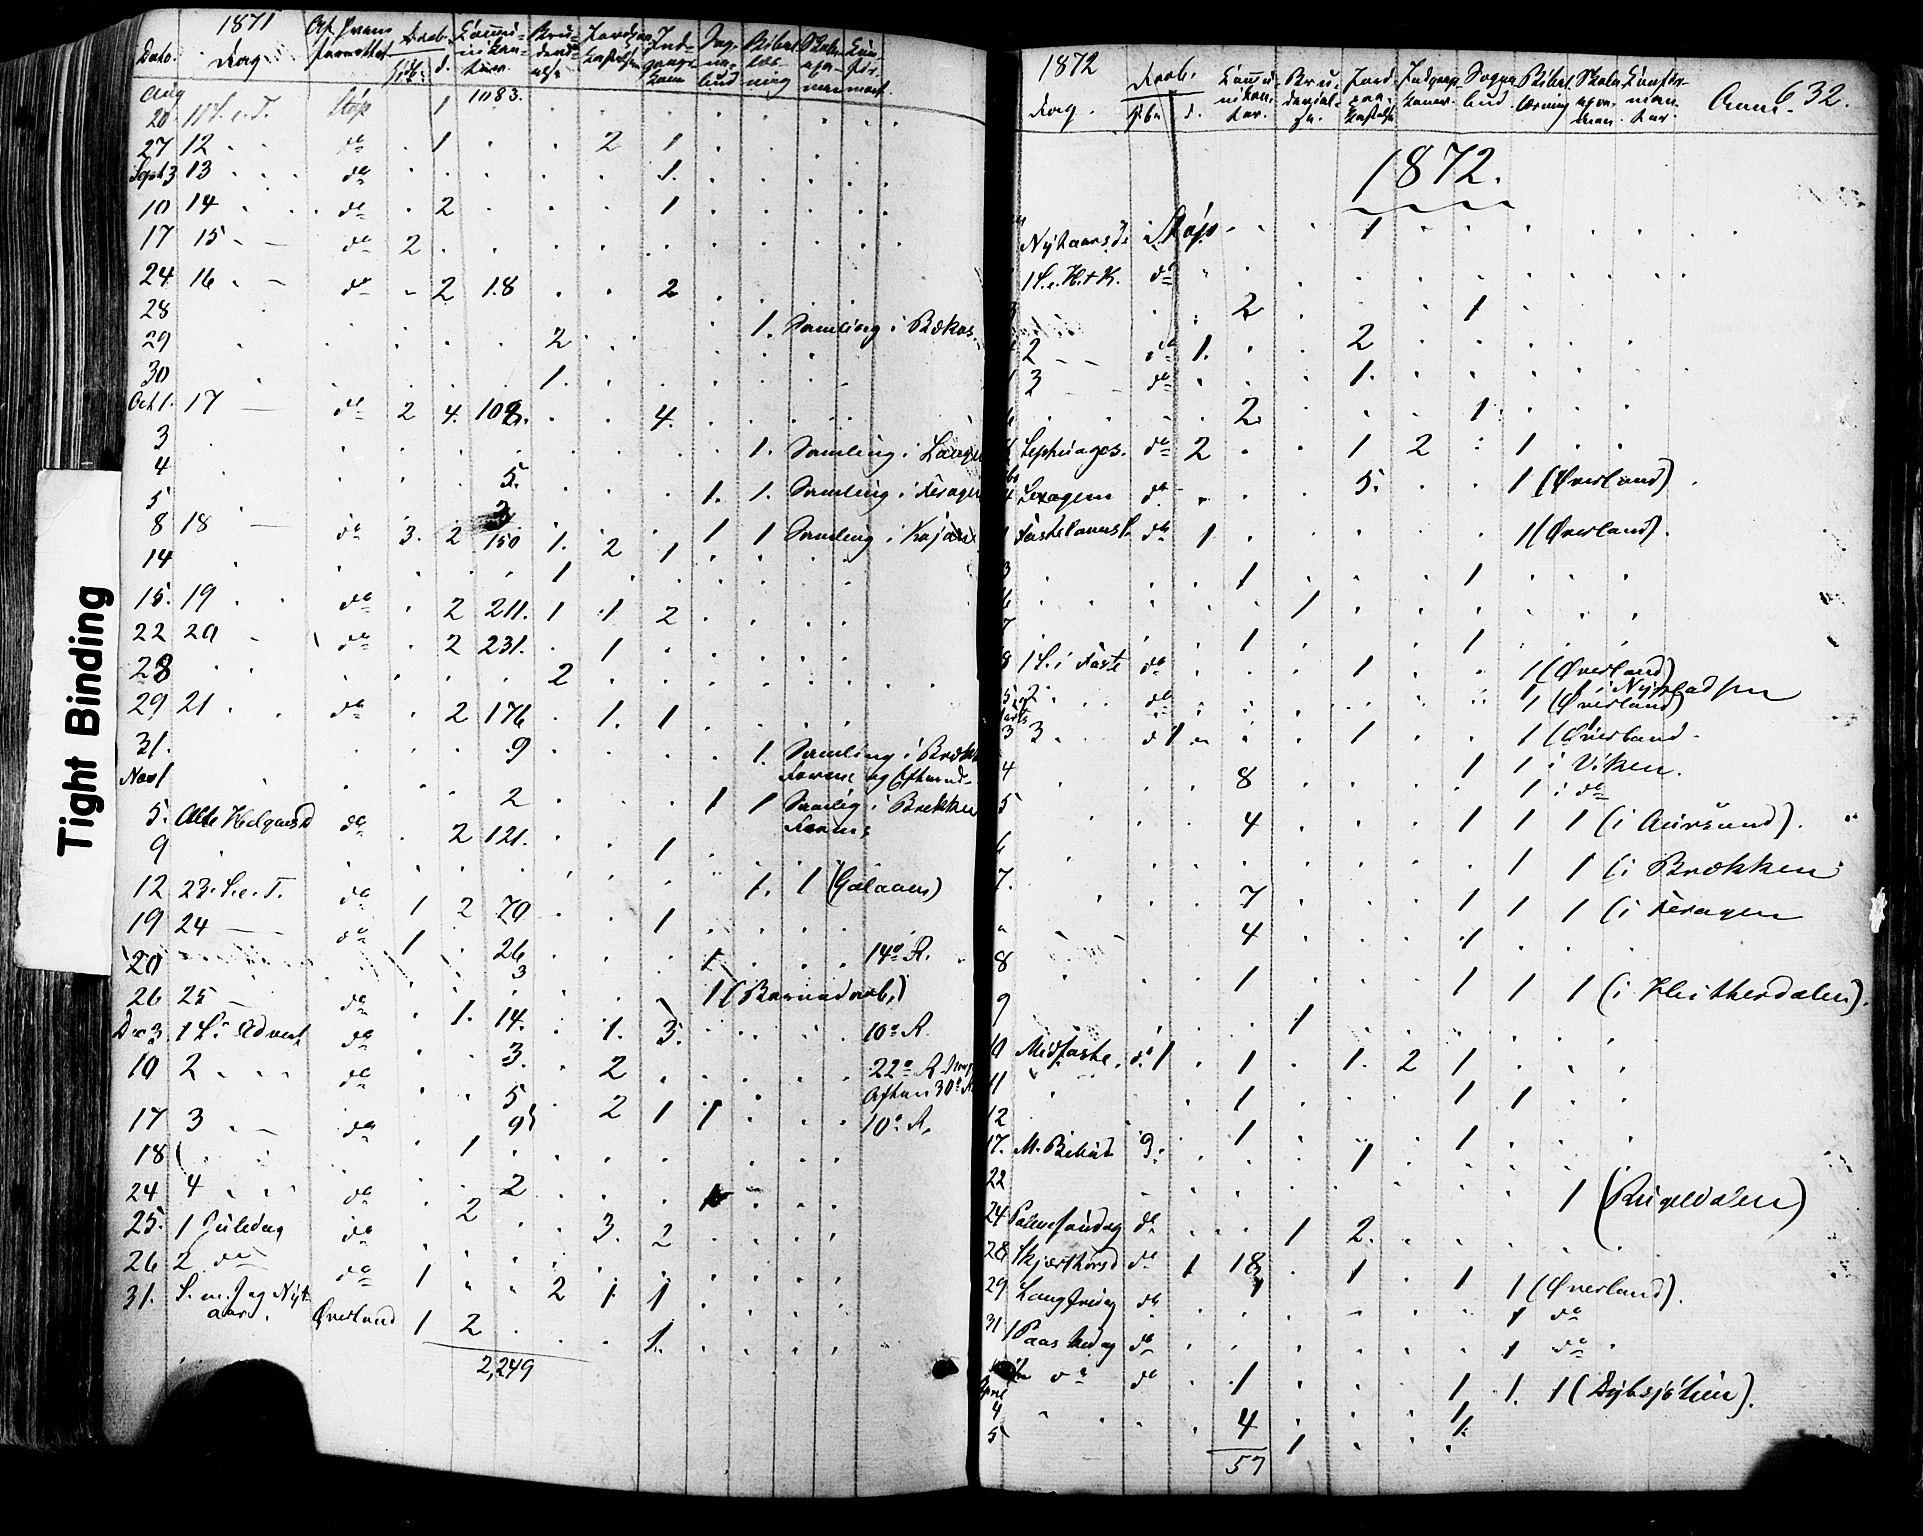 SAT, Ministerialprotokoller, klokkerbøker og fødselsregistre - Sør-Trøndelag, 681/L0932: Ministerialbok nr. 681A10, 1860-1878, s. 632